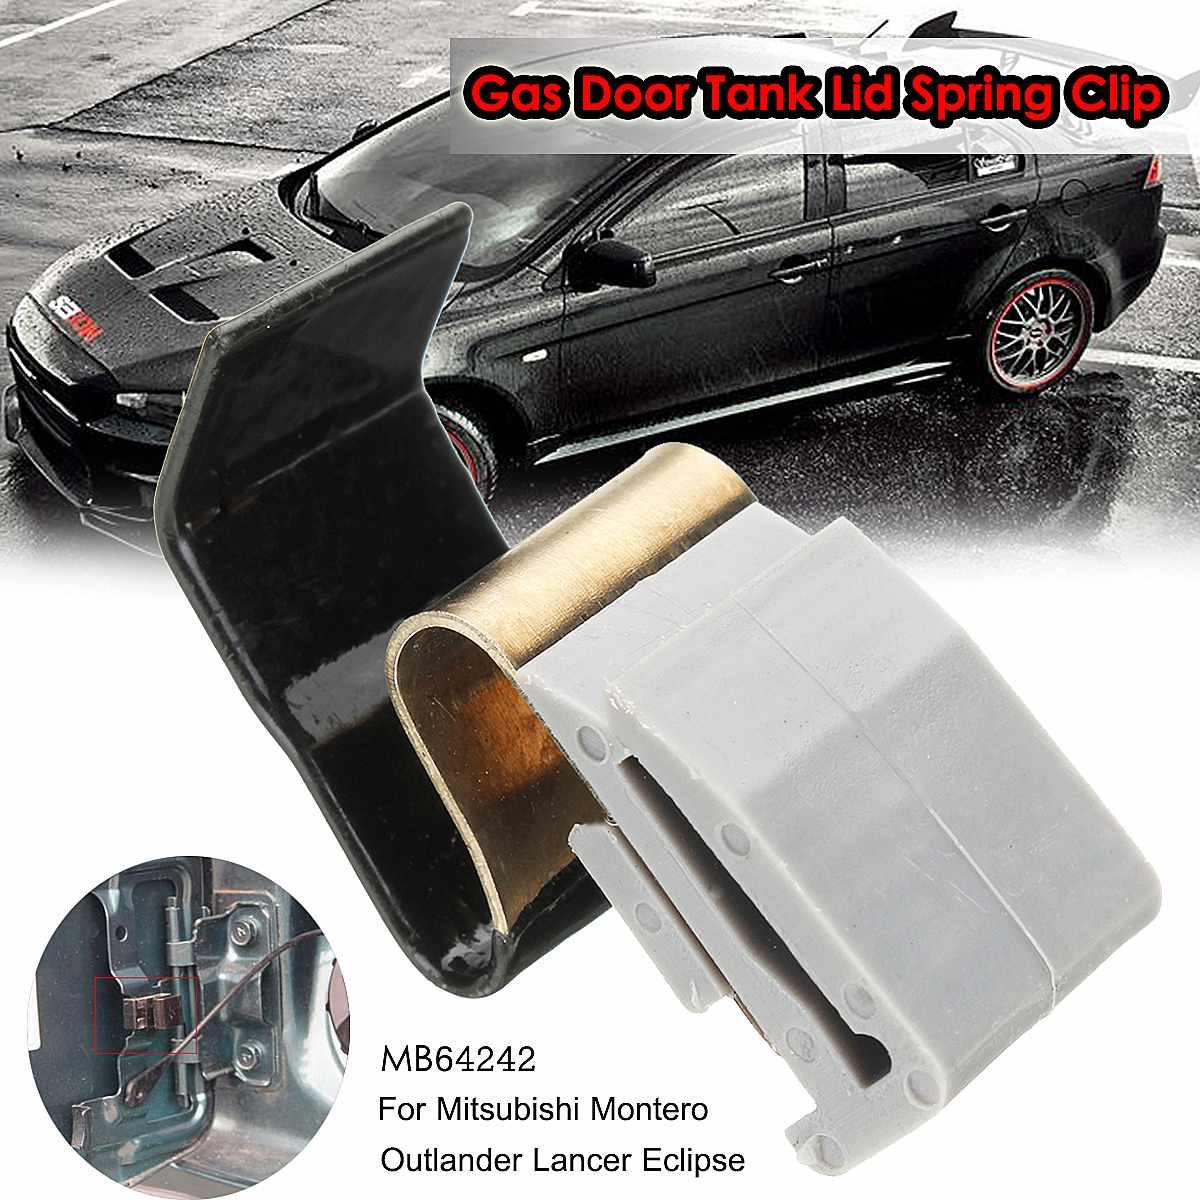 MB64242 автомобильный Топливный Газ крышка двери пружинный зажим для Mitsubishi Montero Outlander Lancer Eclipse Galant Diamante 3000GT